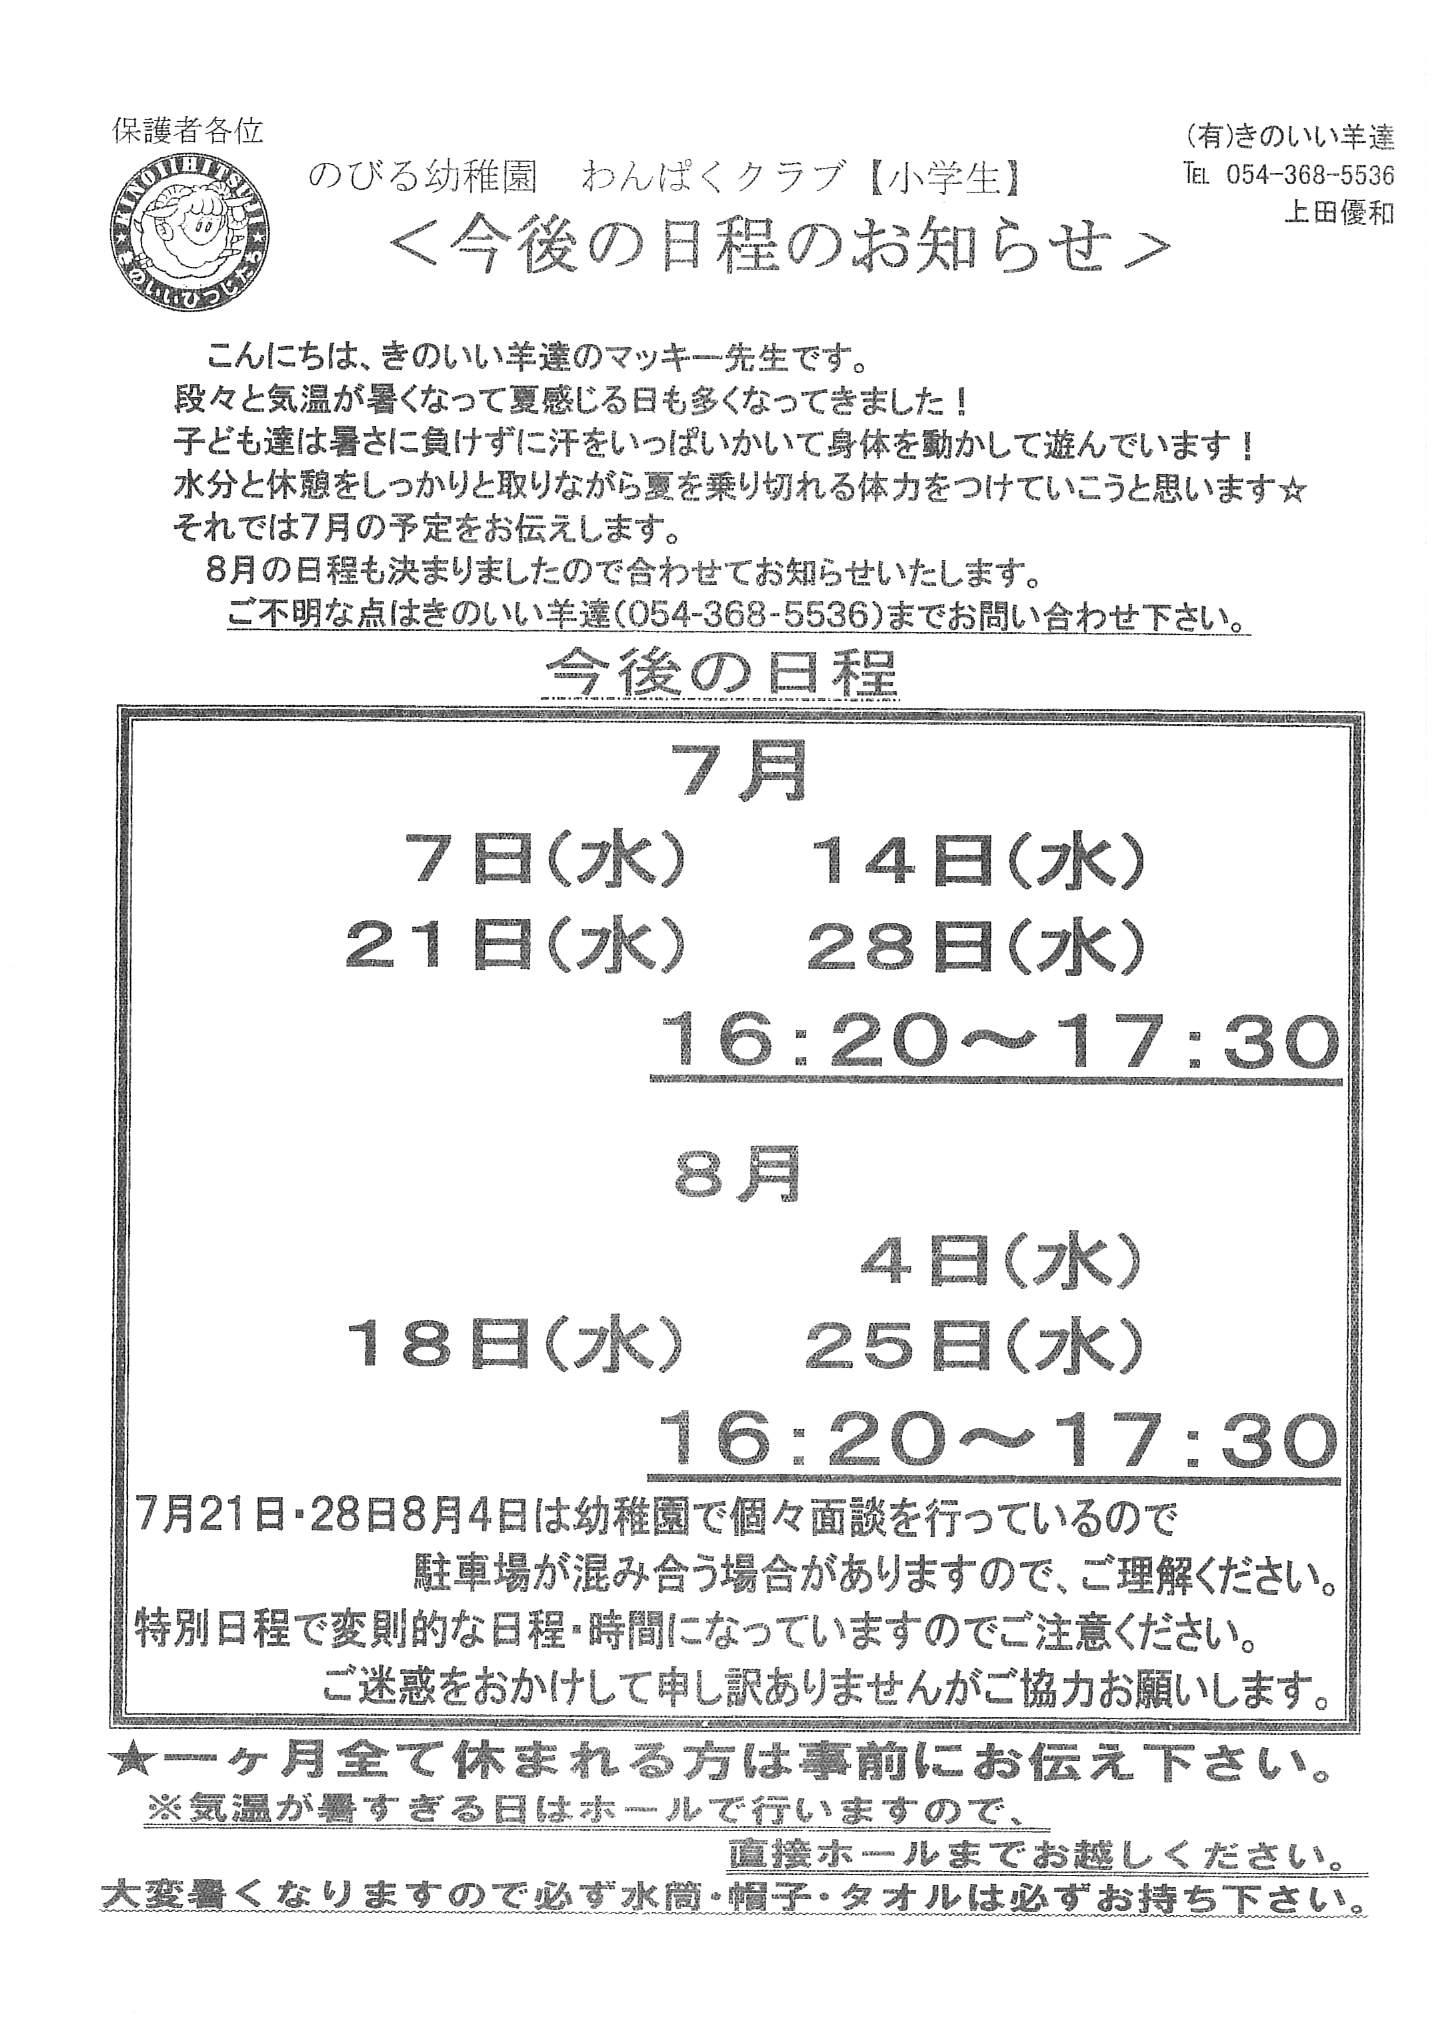 三島 のびる幼稚園(小)